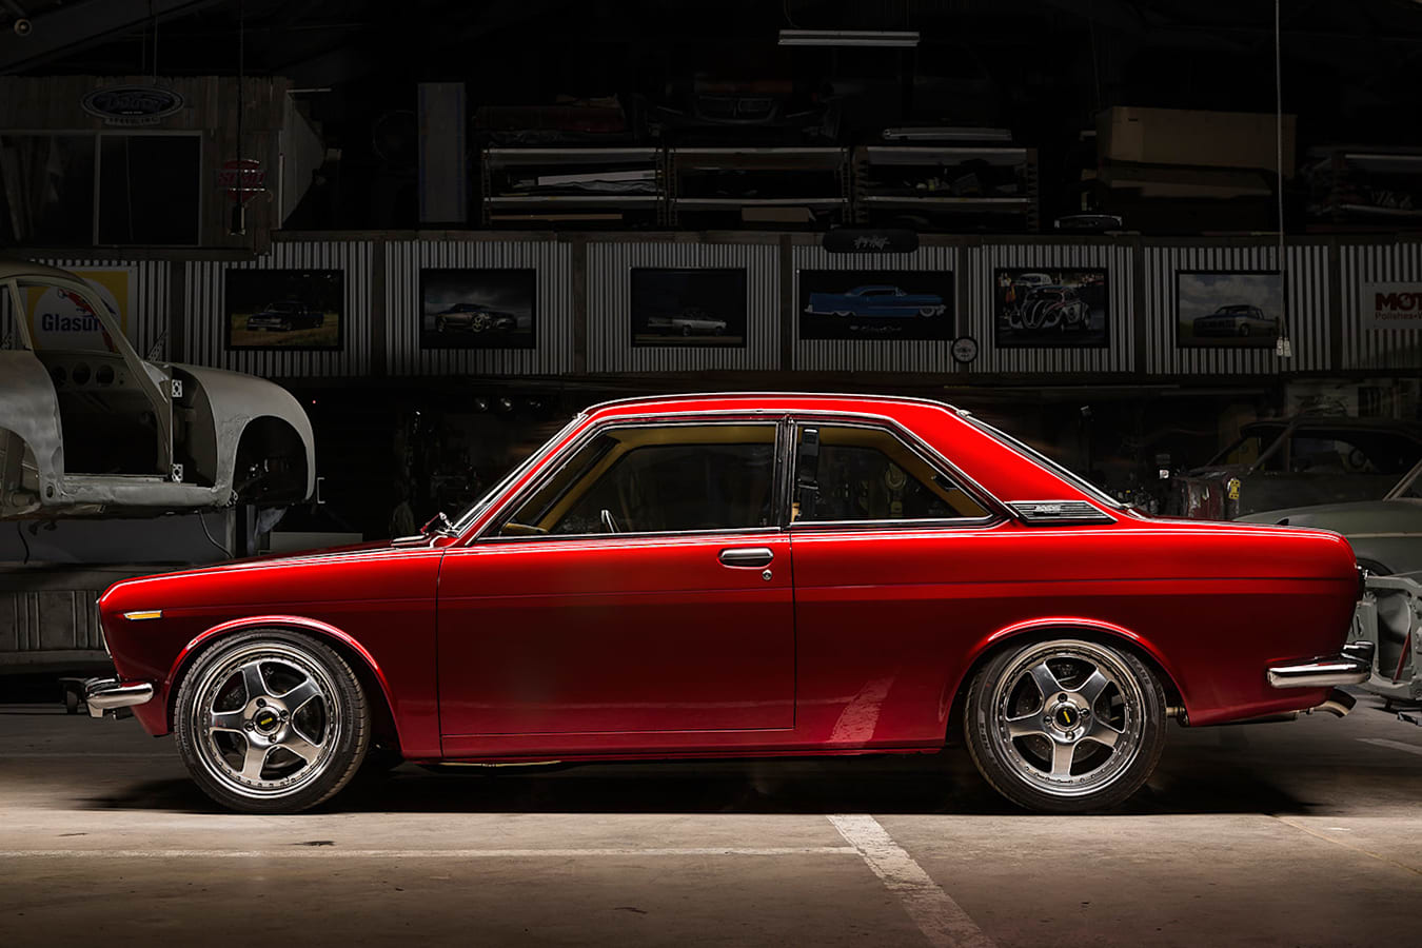 Datsun 1600 side